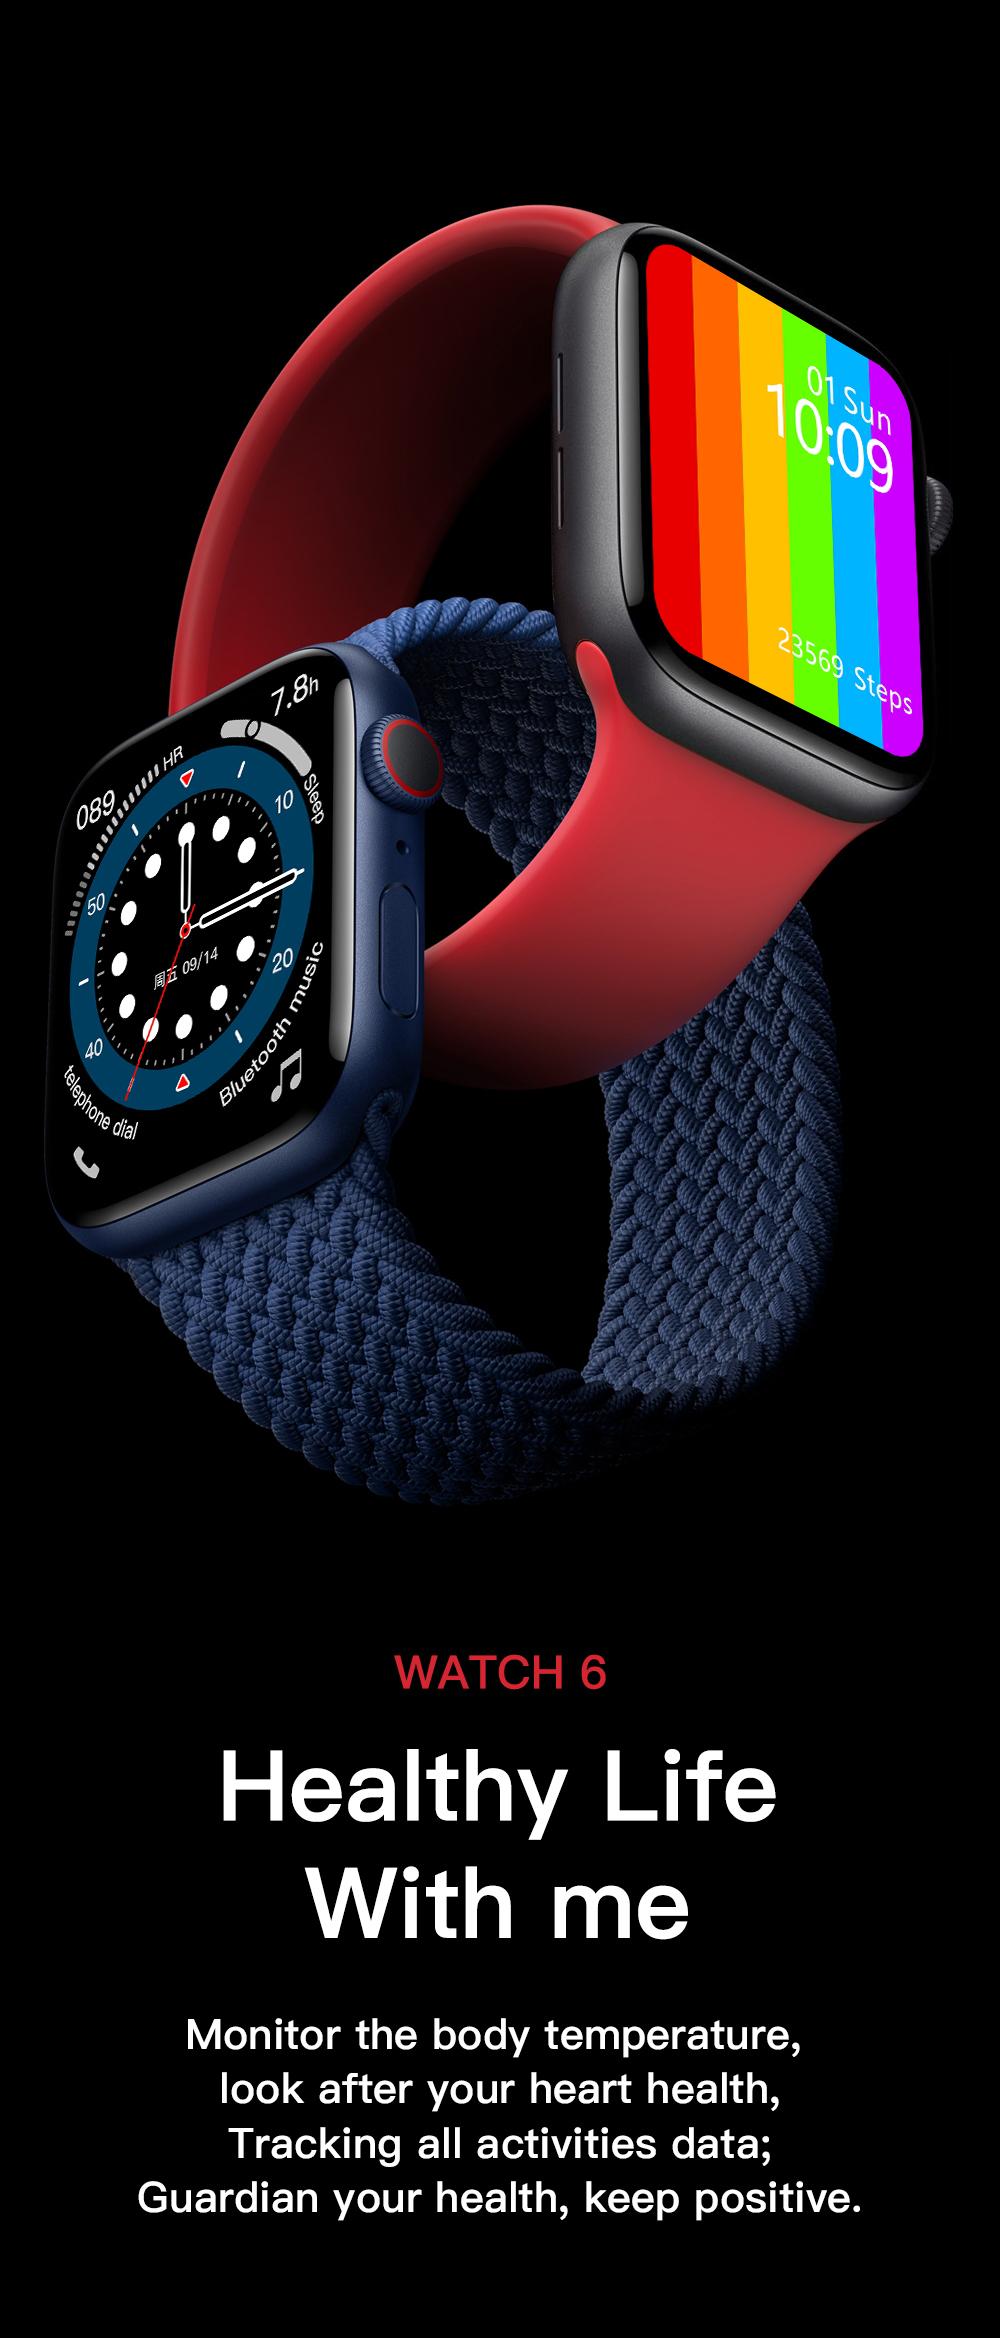 W56 Smart Watch Description-1